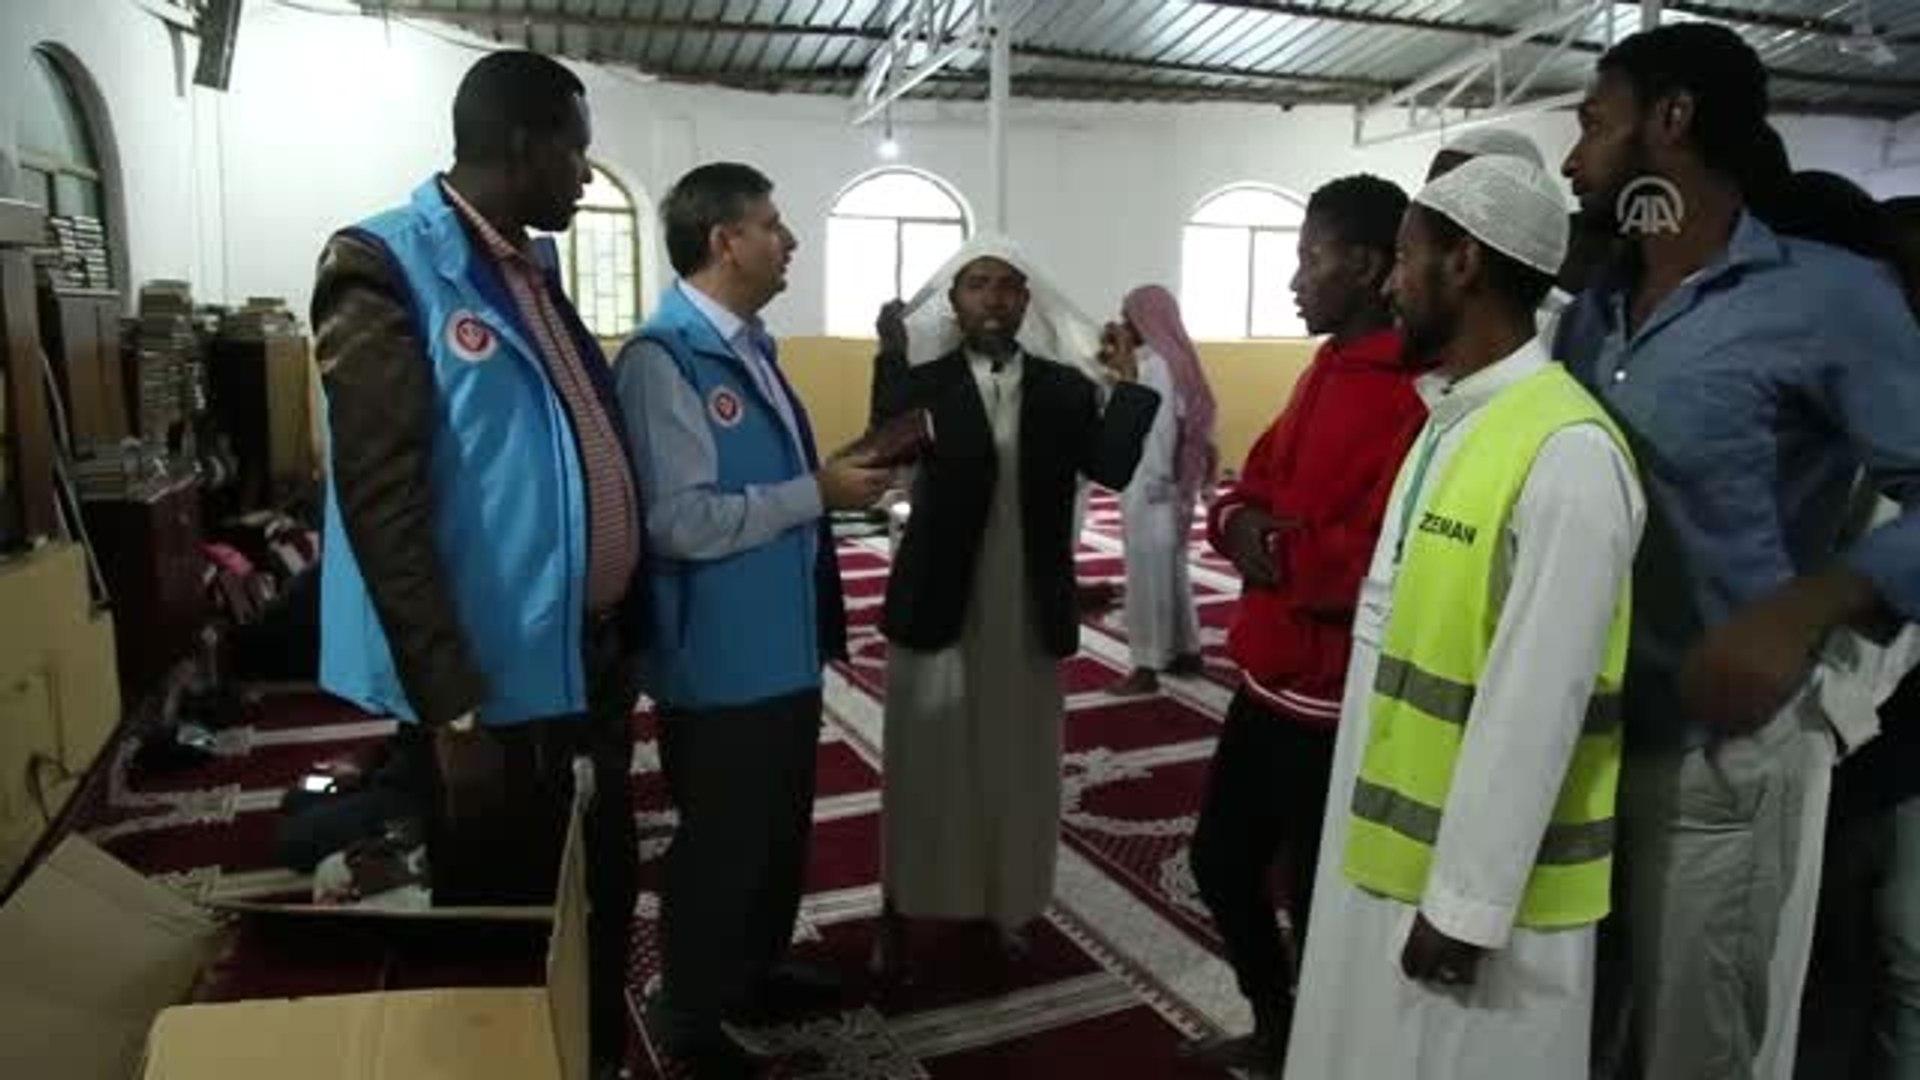 TDV Etiyopya'da Amharca mealli Kur'an-ı Kerim dağıttı - ADDİS ABABA